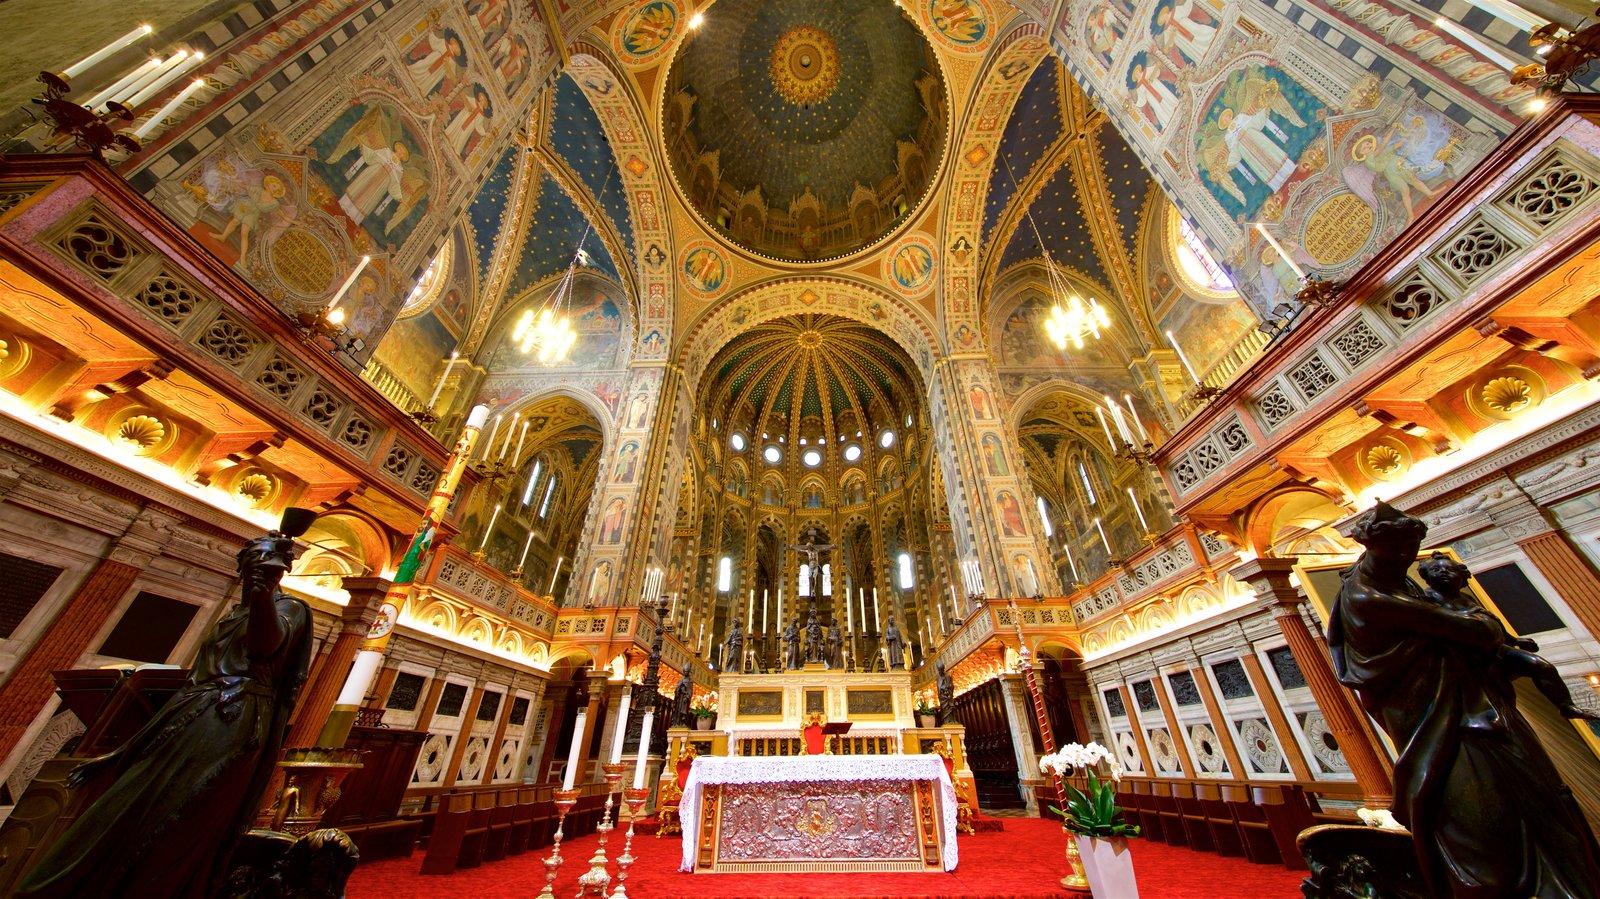 Basilica di Sant\'Antonio da Padova showing interior views, a statue or sculpture and religious elements